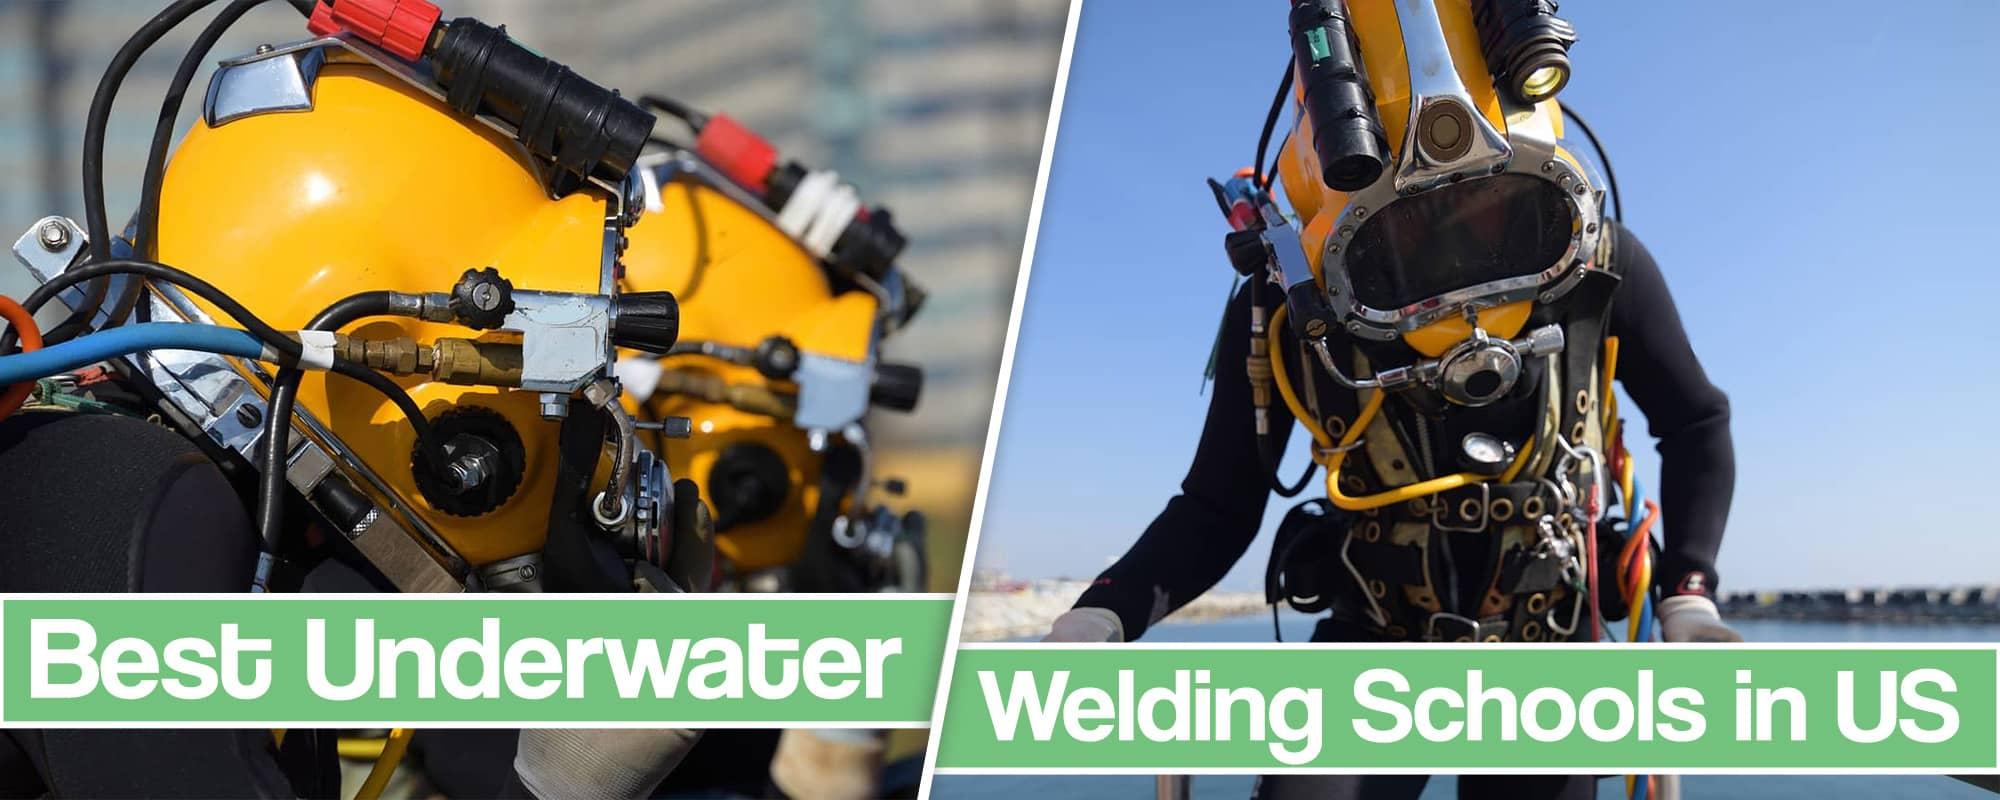 Feature image for Best Underwater Welding Schools article